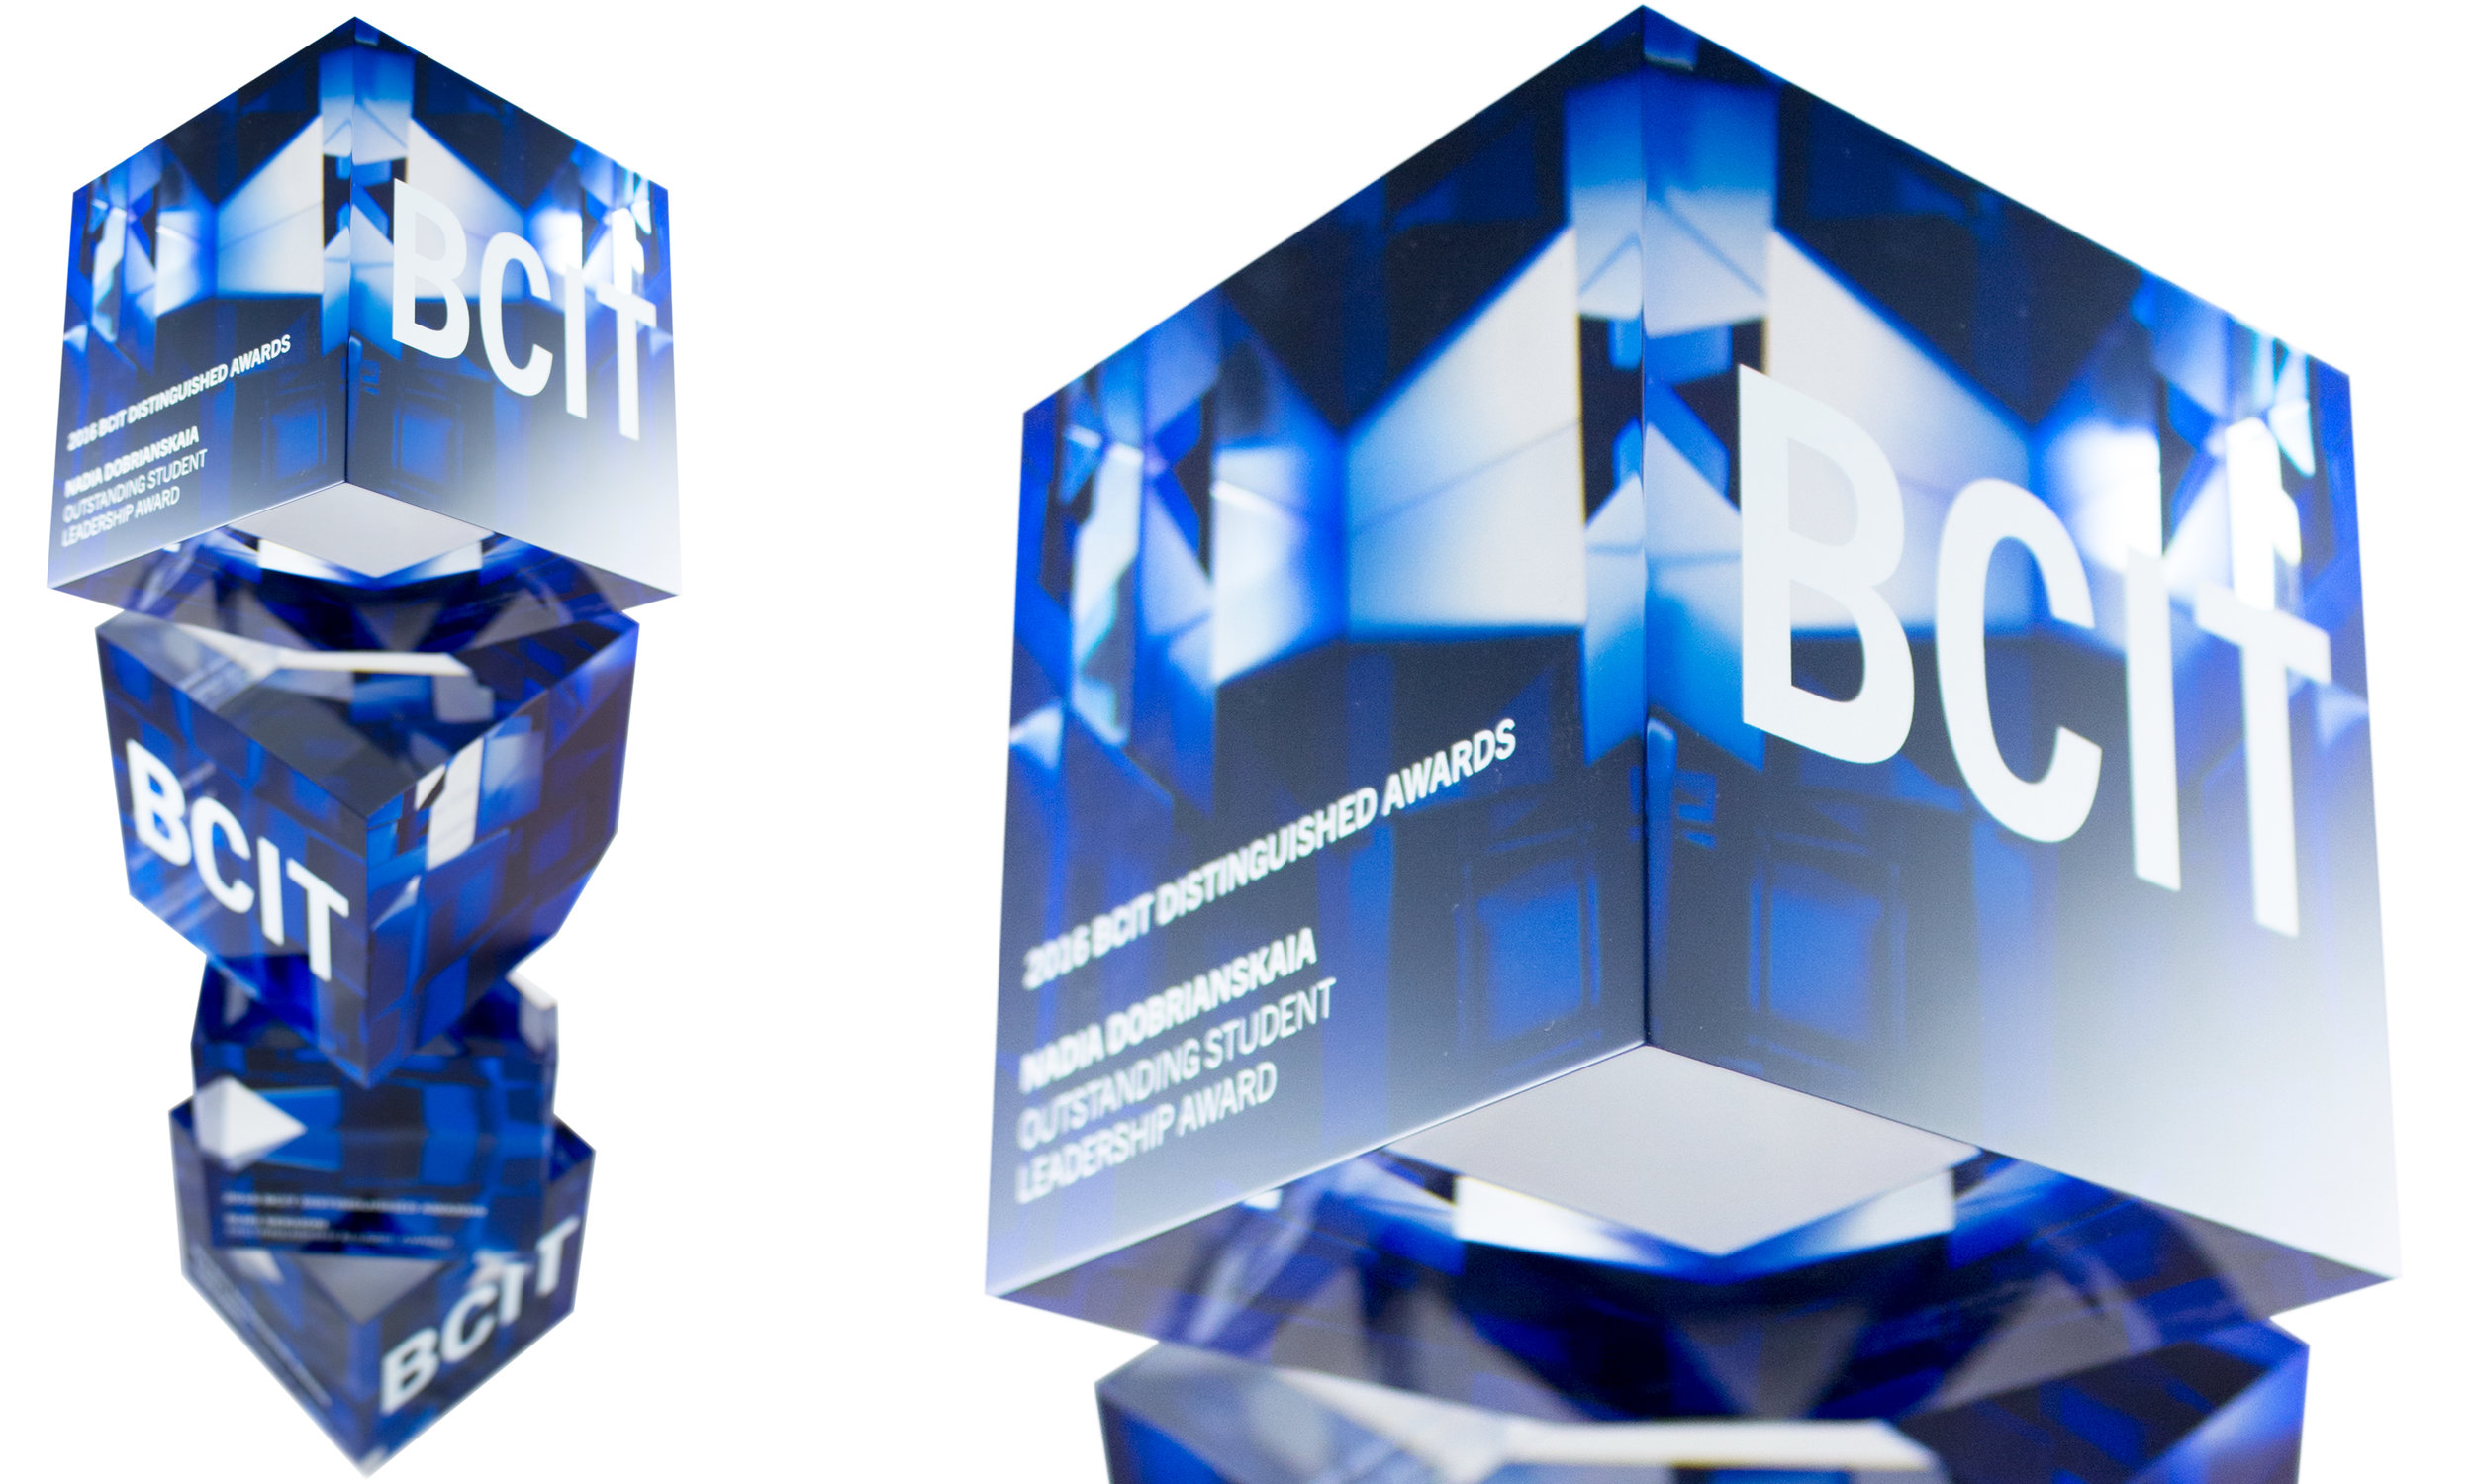 bcit - custom acrylic cube awards